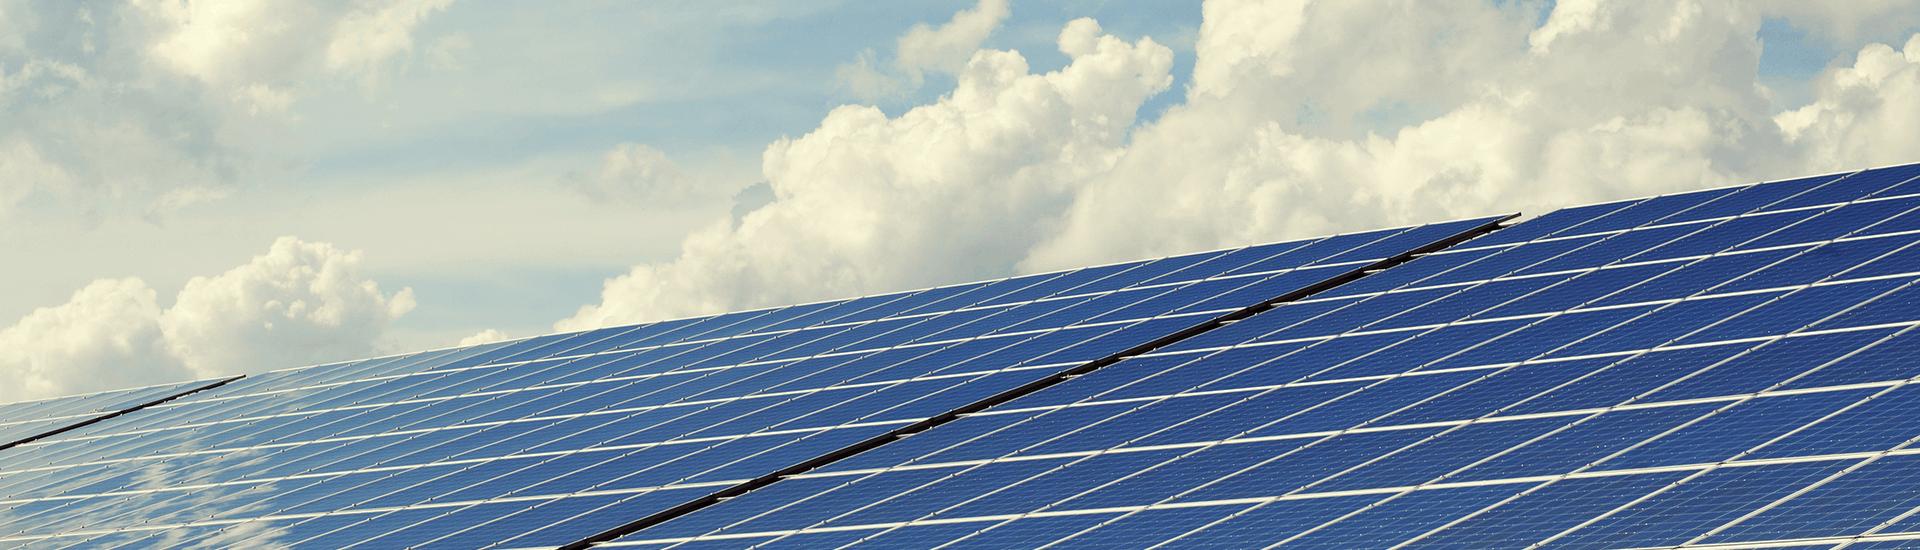 Paneles solares reciben energía solar para casa y negocio